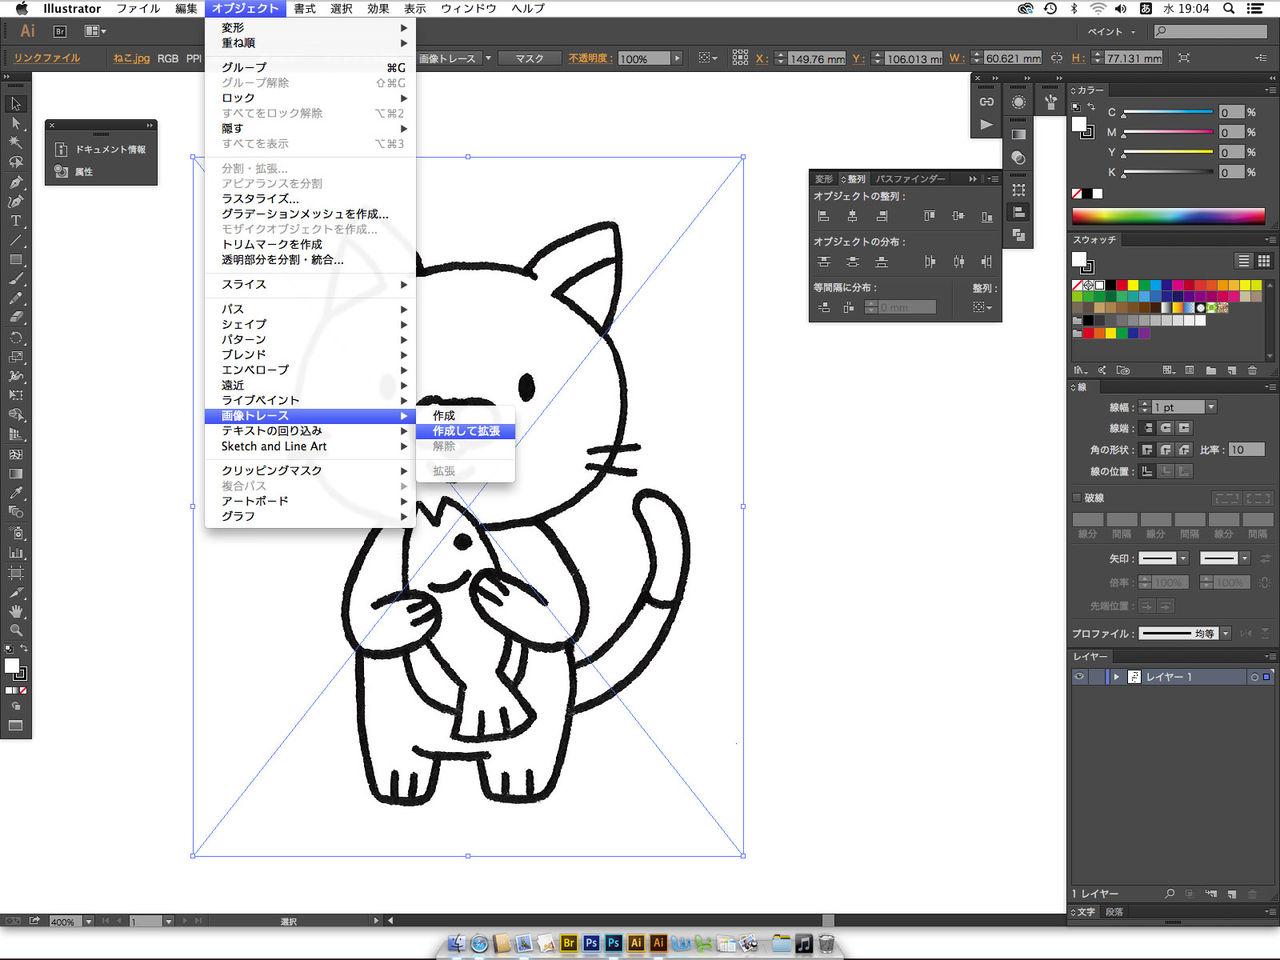 【トップレート】 Illustrator メッシュ 解除 ~ 無料の印刷可能なイラスト画像